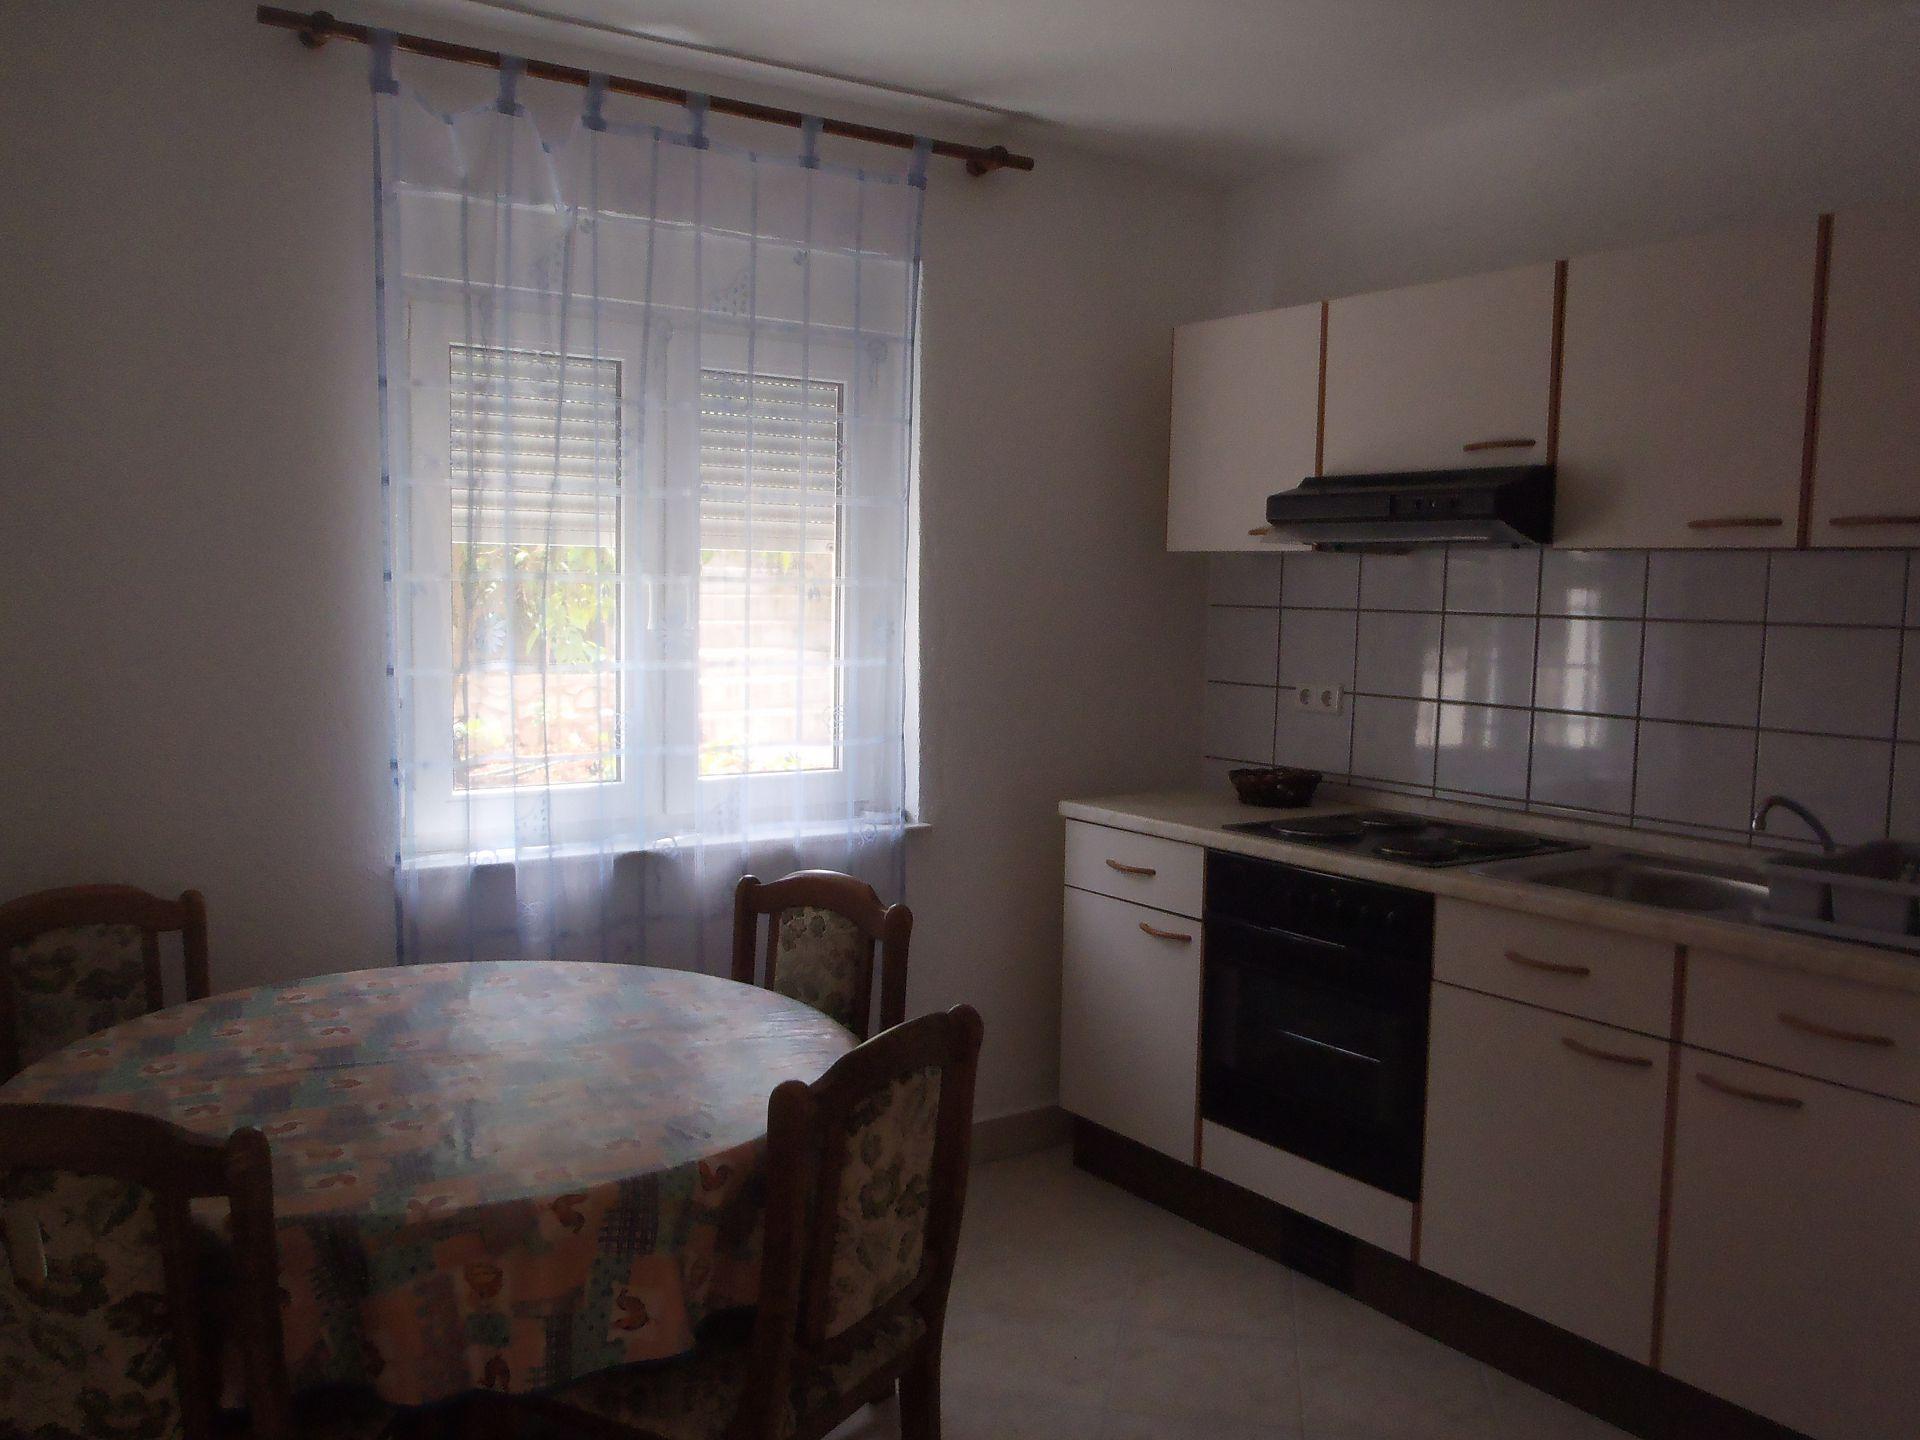 35306 - Okrug Gornji - Appartamenti Croazia - A2(4+2): la cucina con la sala da pranzo